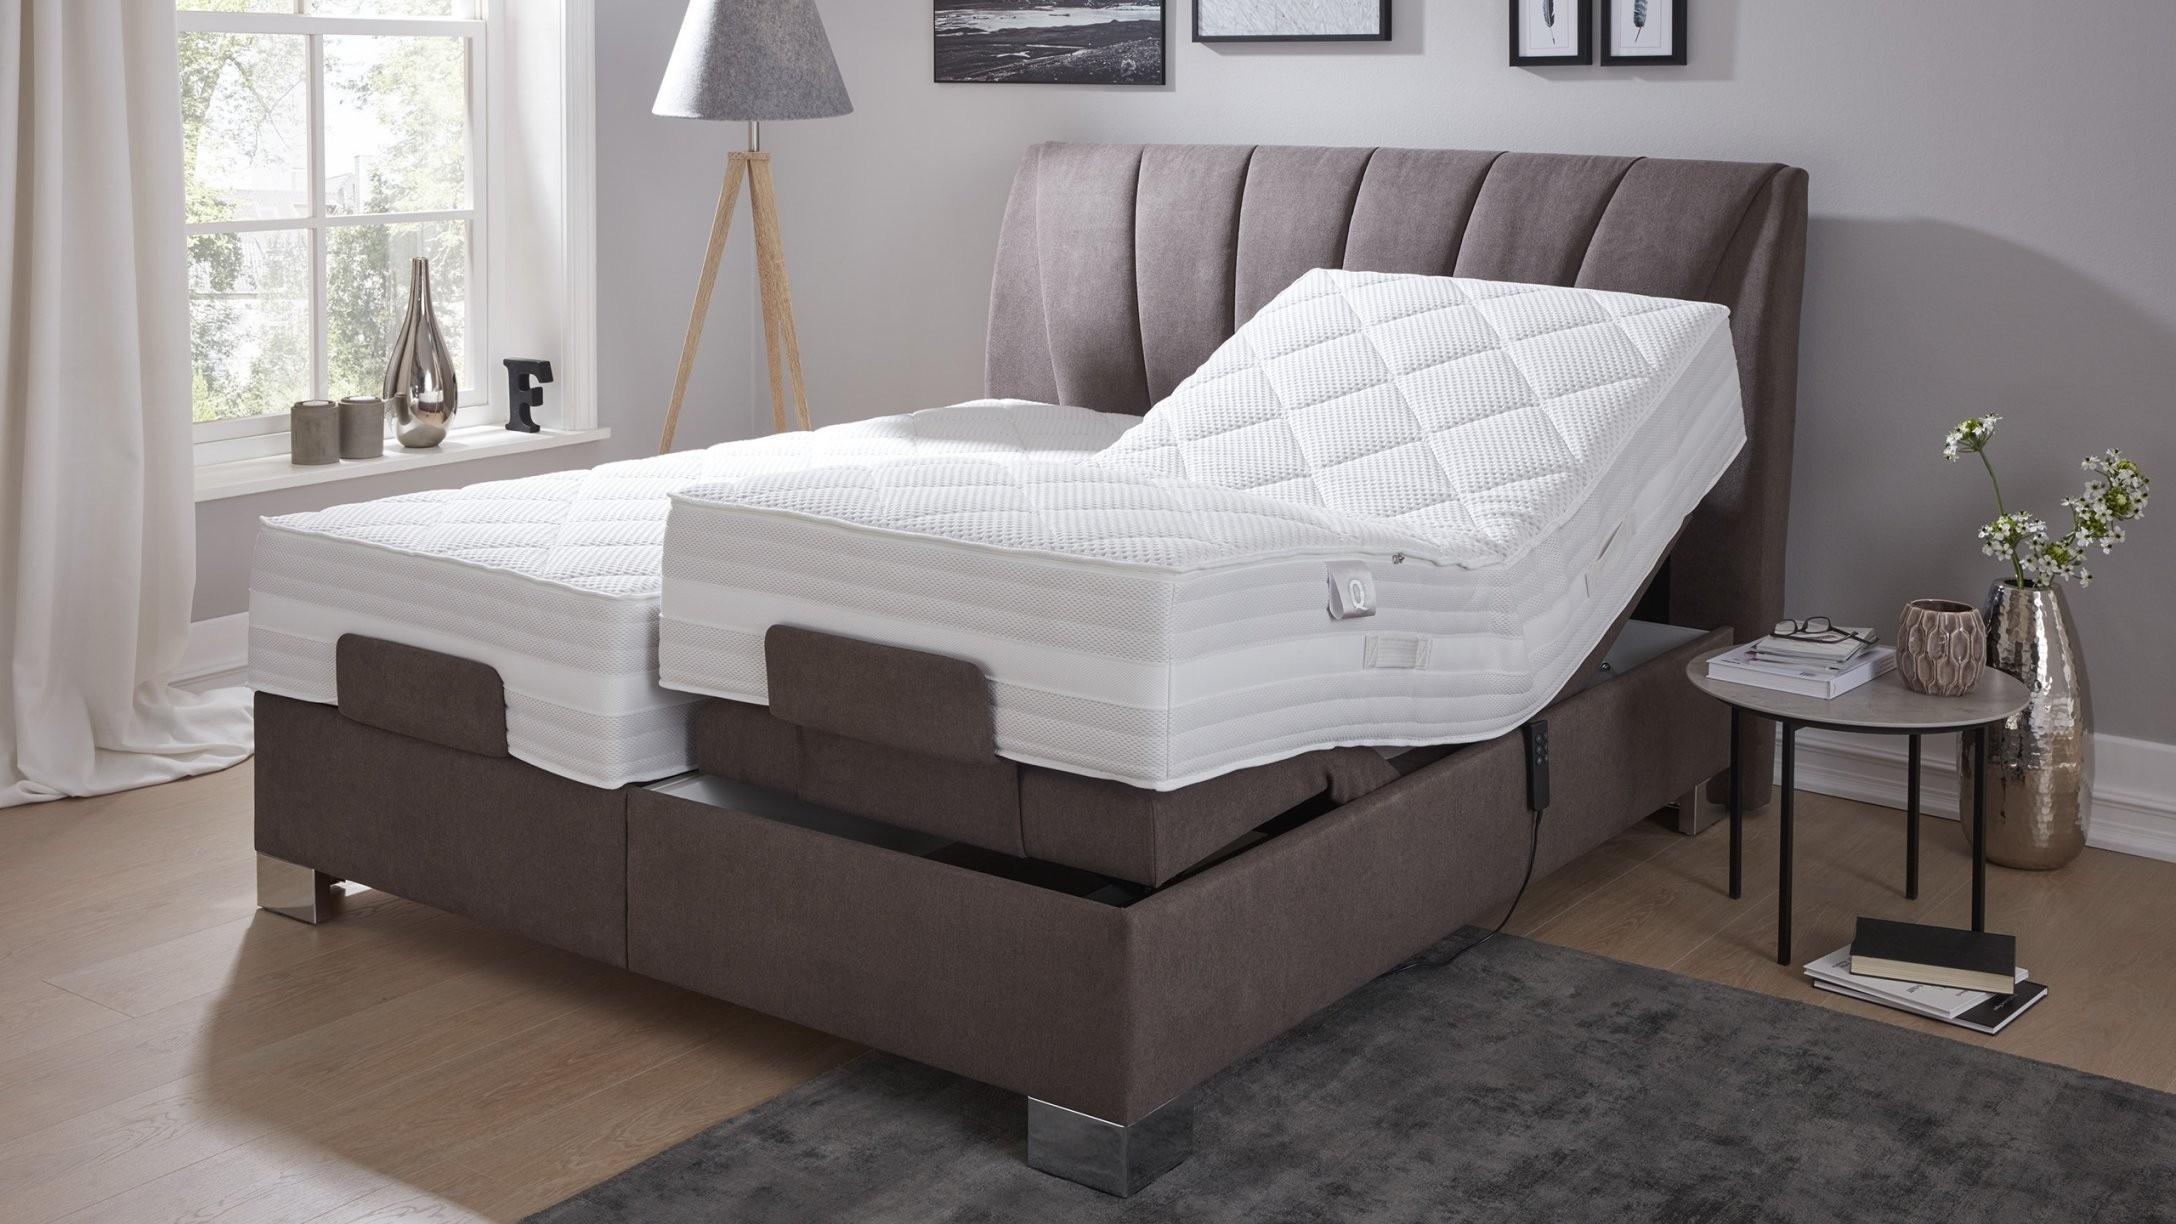 Schlafen Wie Auf Wolken  Interliving  Möbel Für Mich Gemacht von Matratze Statt Bett Photo